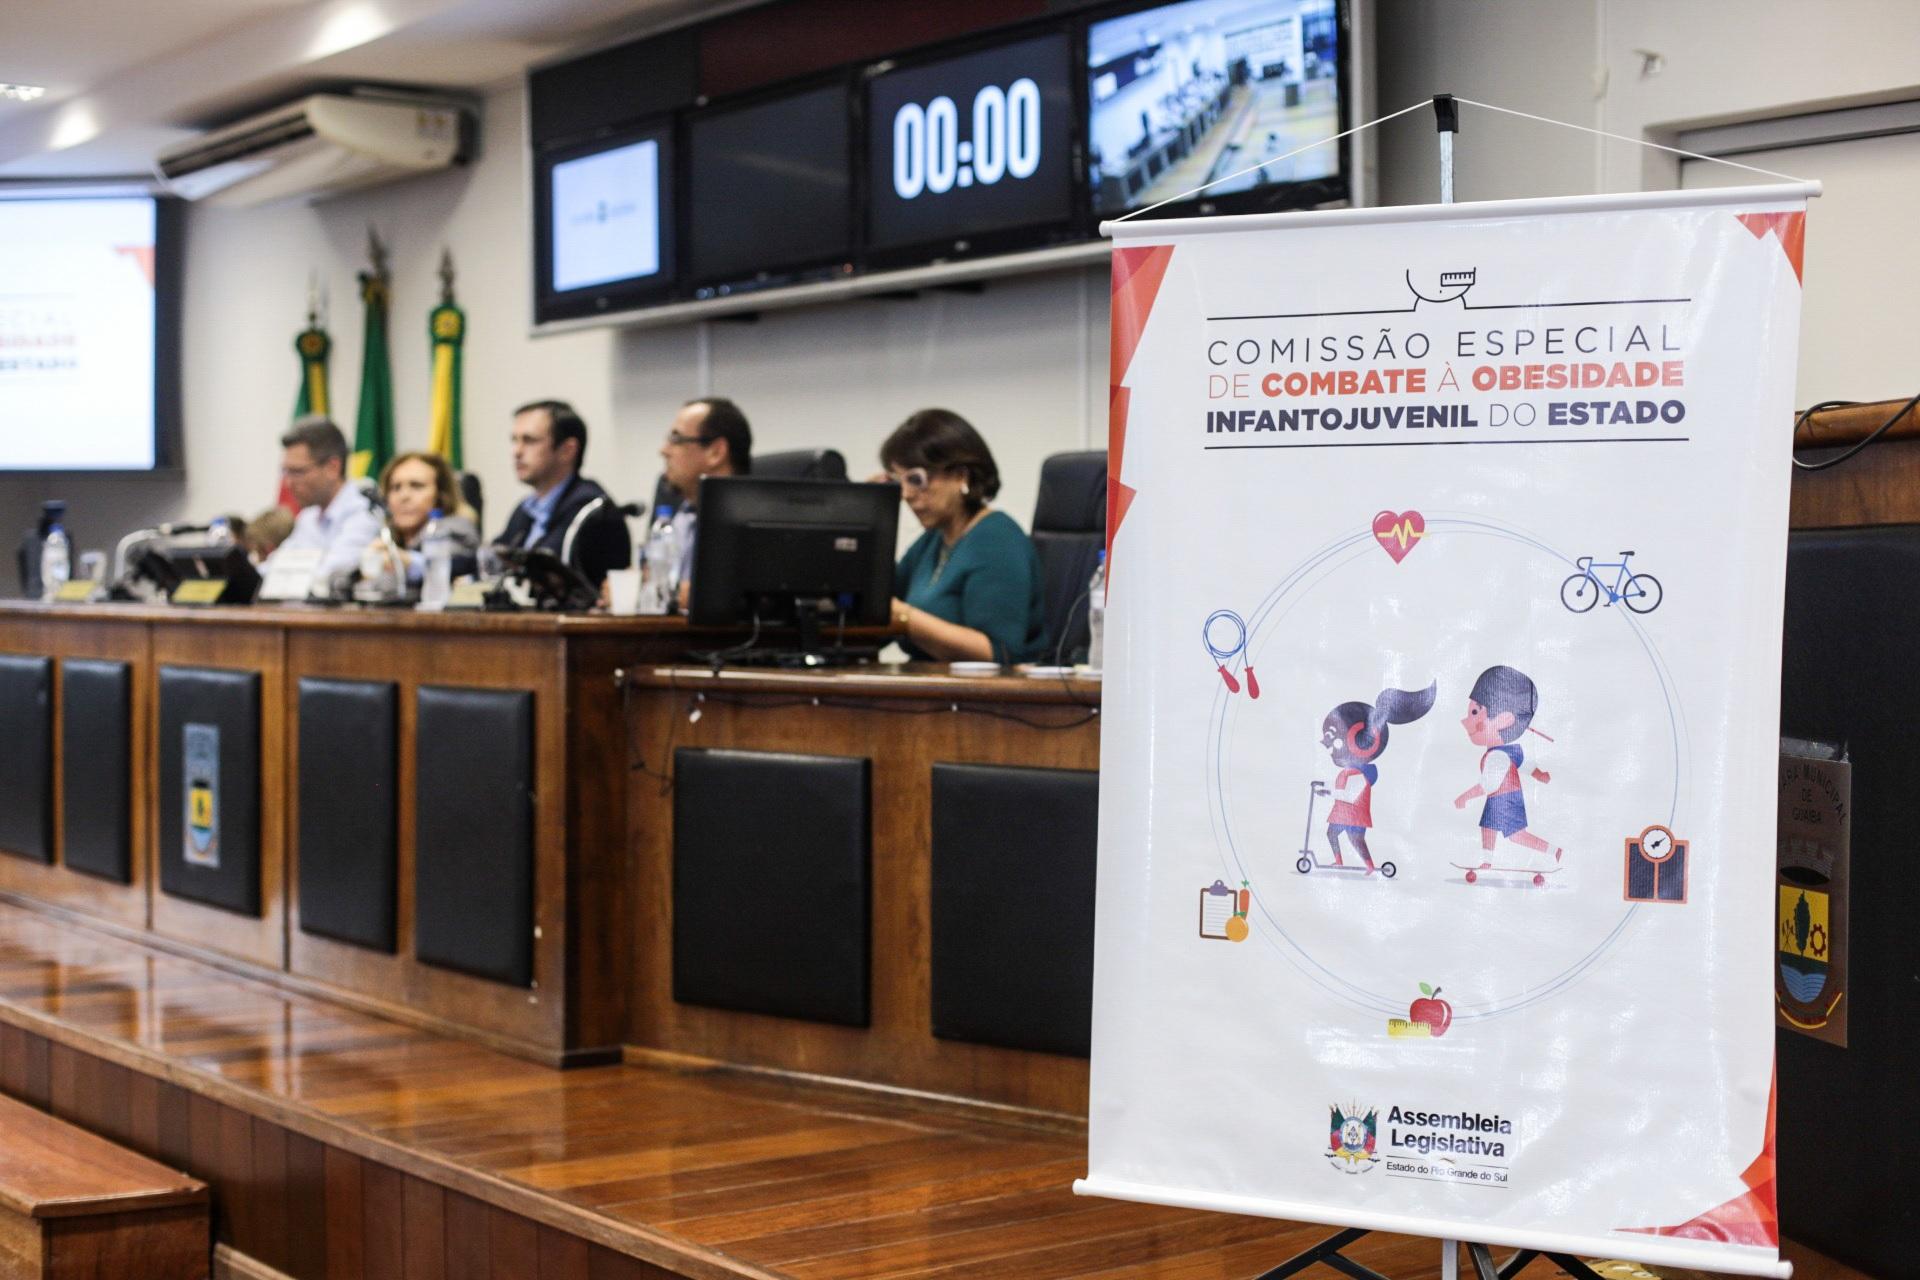 Comissão Especial de Combate à Obesidade Infantil da Assembleia Legislativa faz audiência em Guaíba